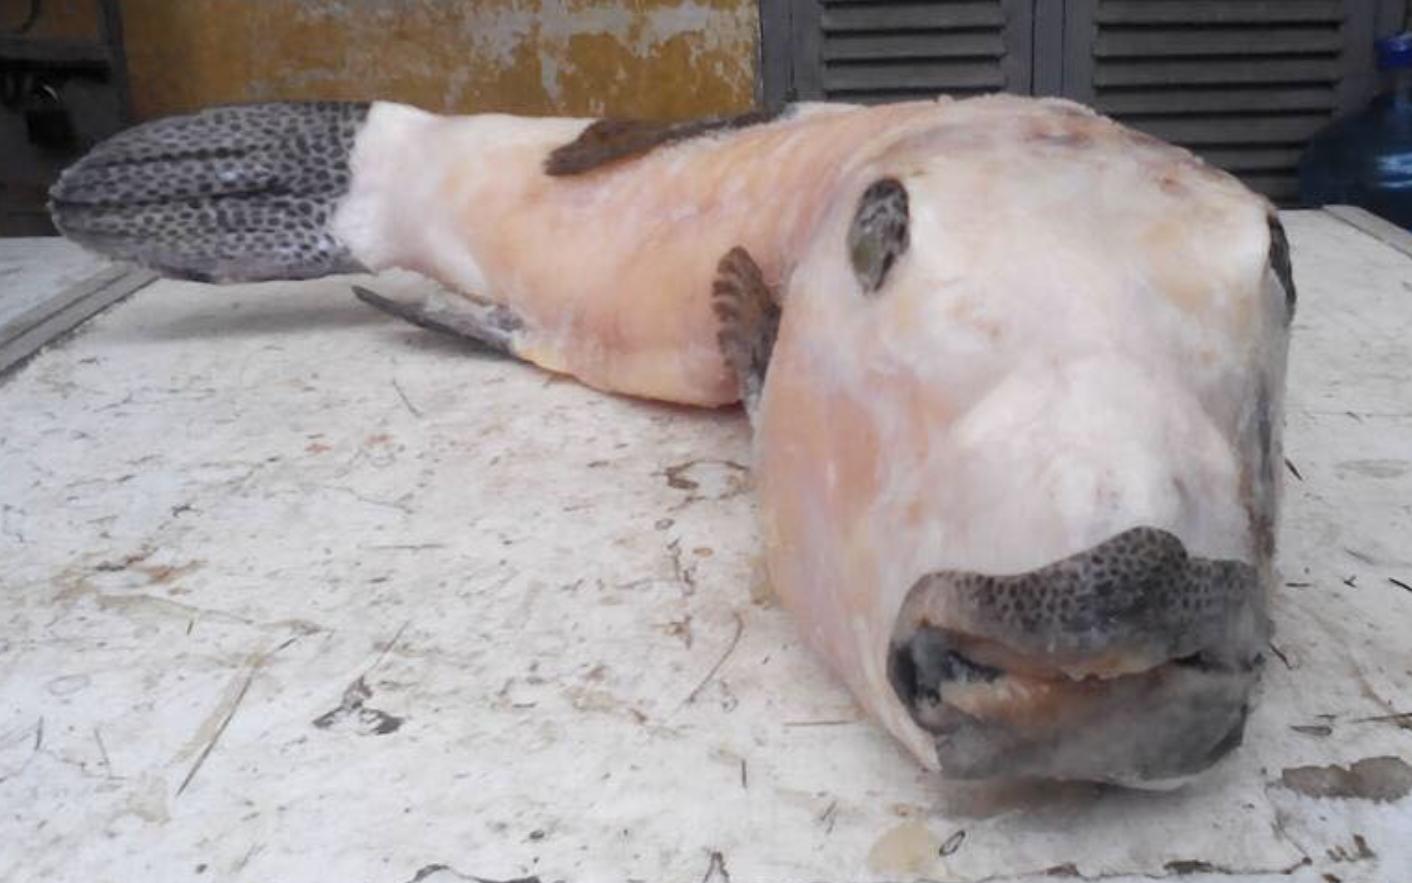 TP.HCM: Ăn bao tử cá mặt thỏ, người đàn ông 40 tuổi hôn mê nguy kịch